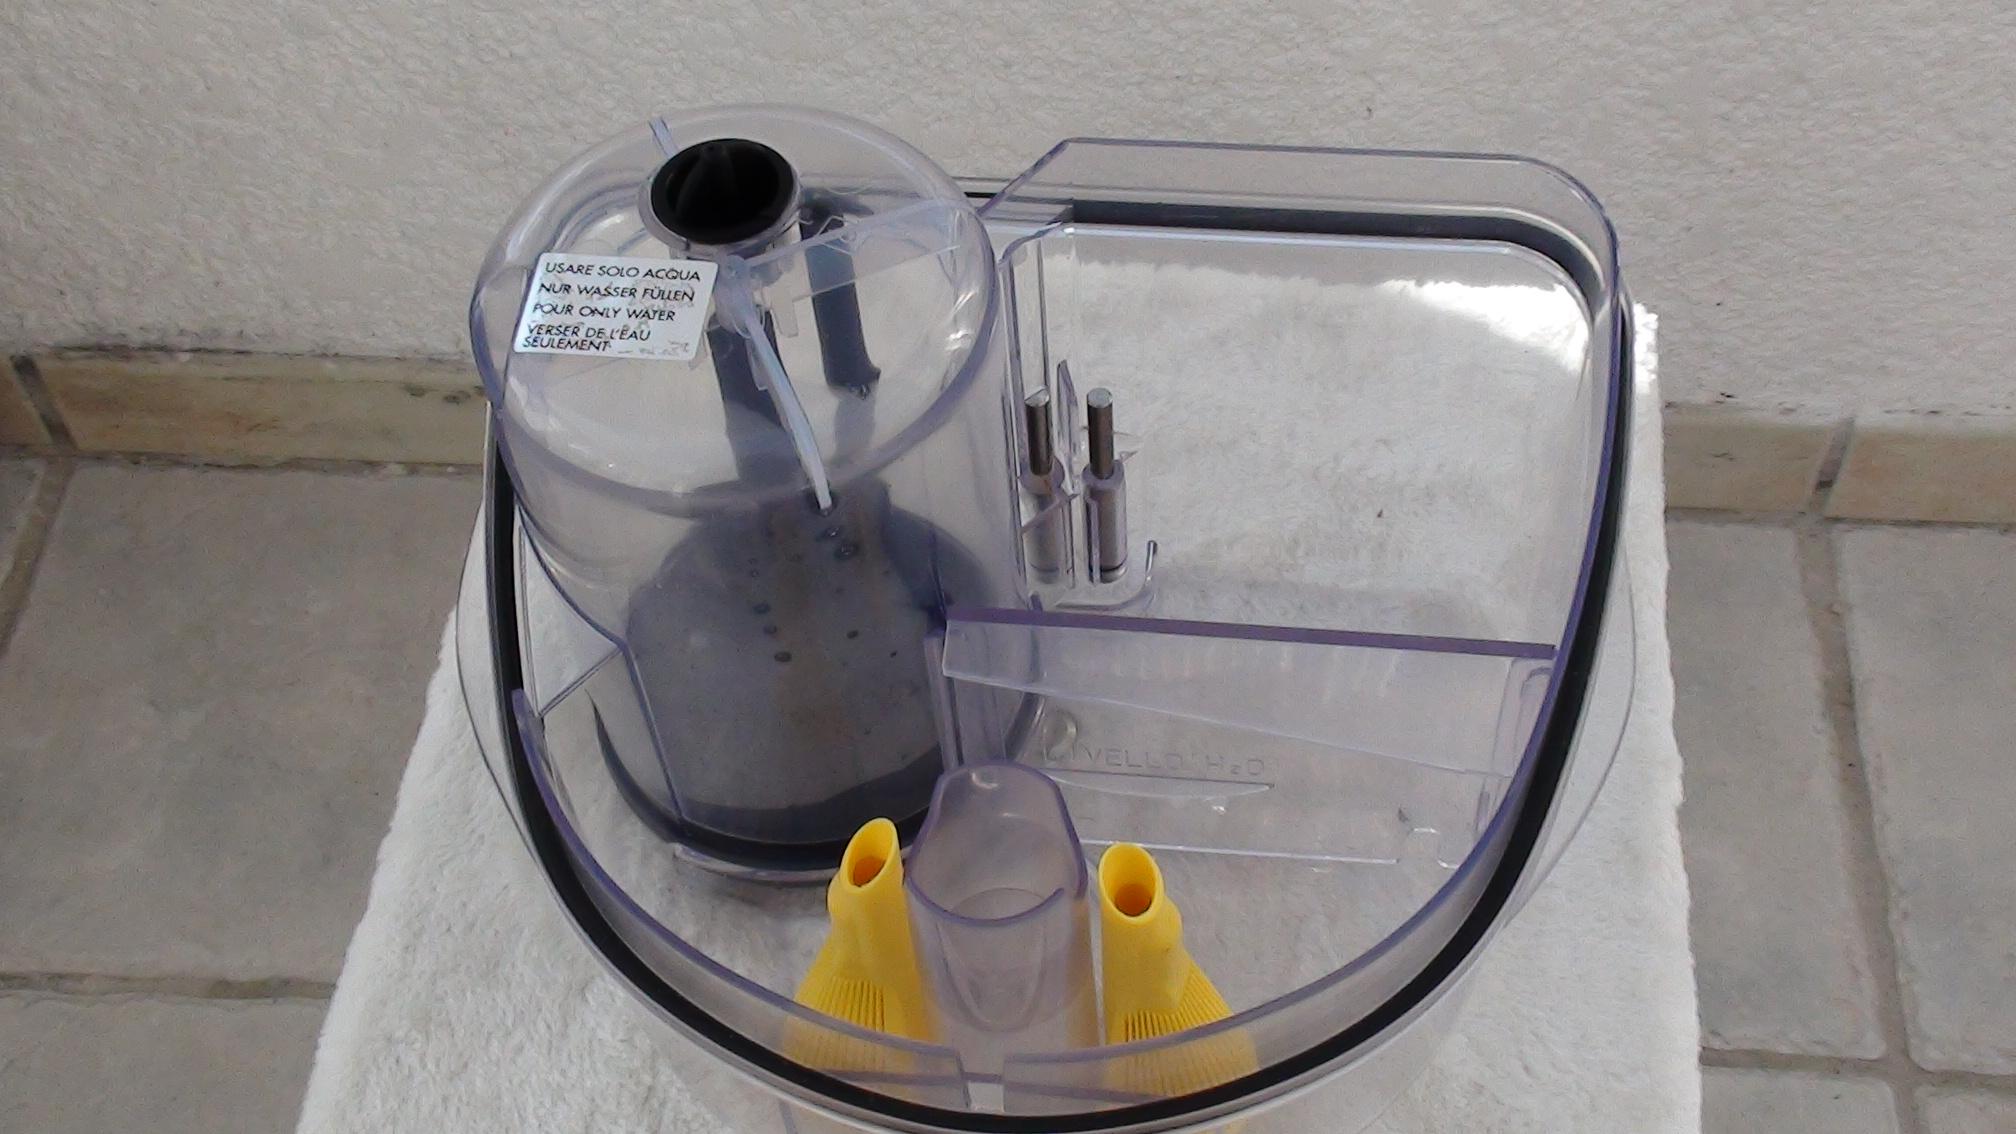 comment choisir un aspirateur vapeur sans sac aspirateur nettoyeur vapeur spooty. Black Bedroom Furniture Sets. Home Design Ideas